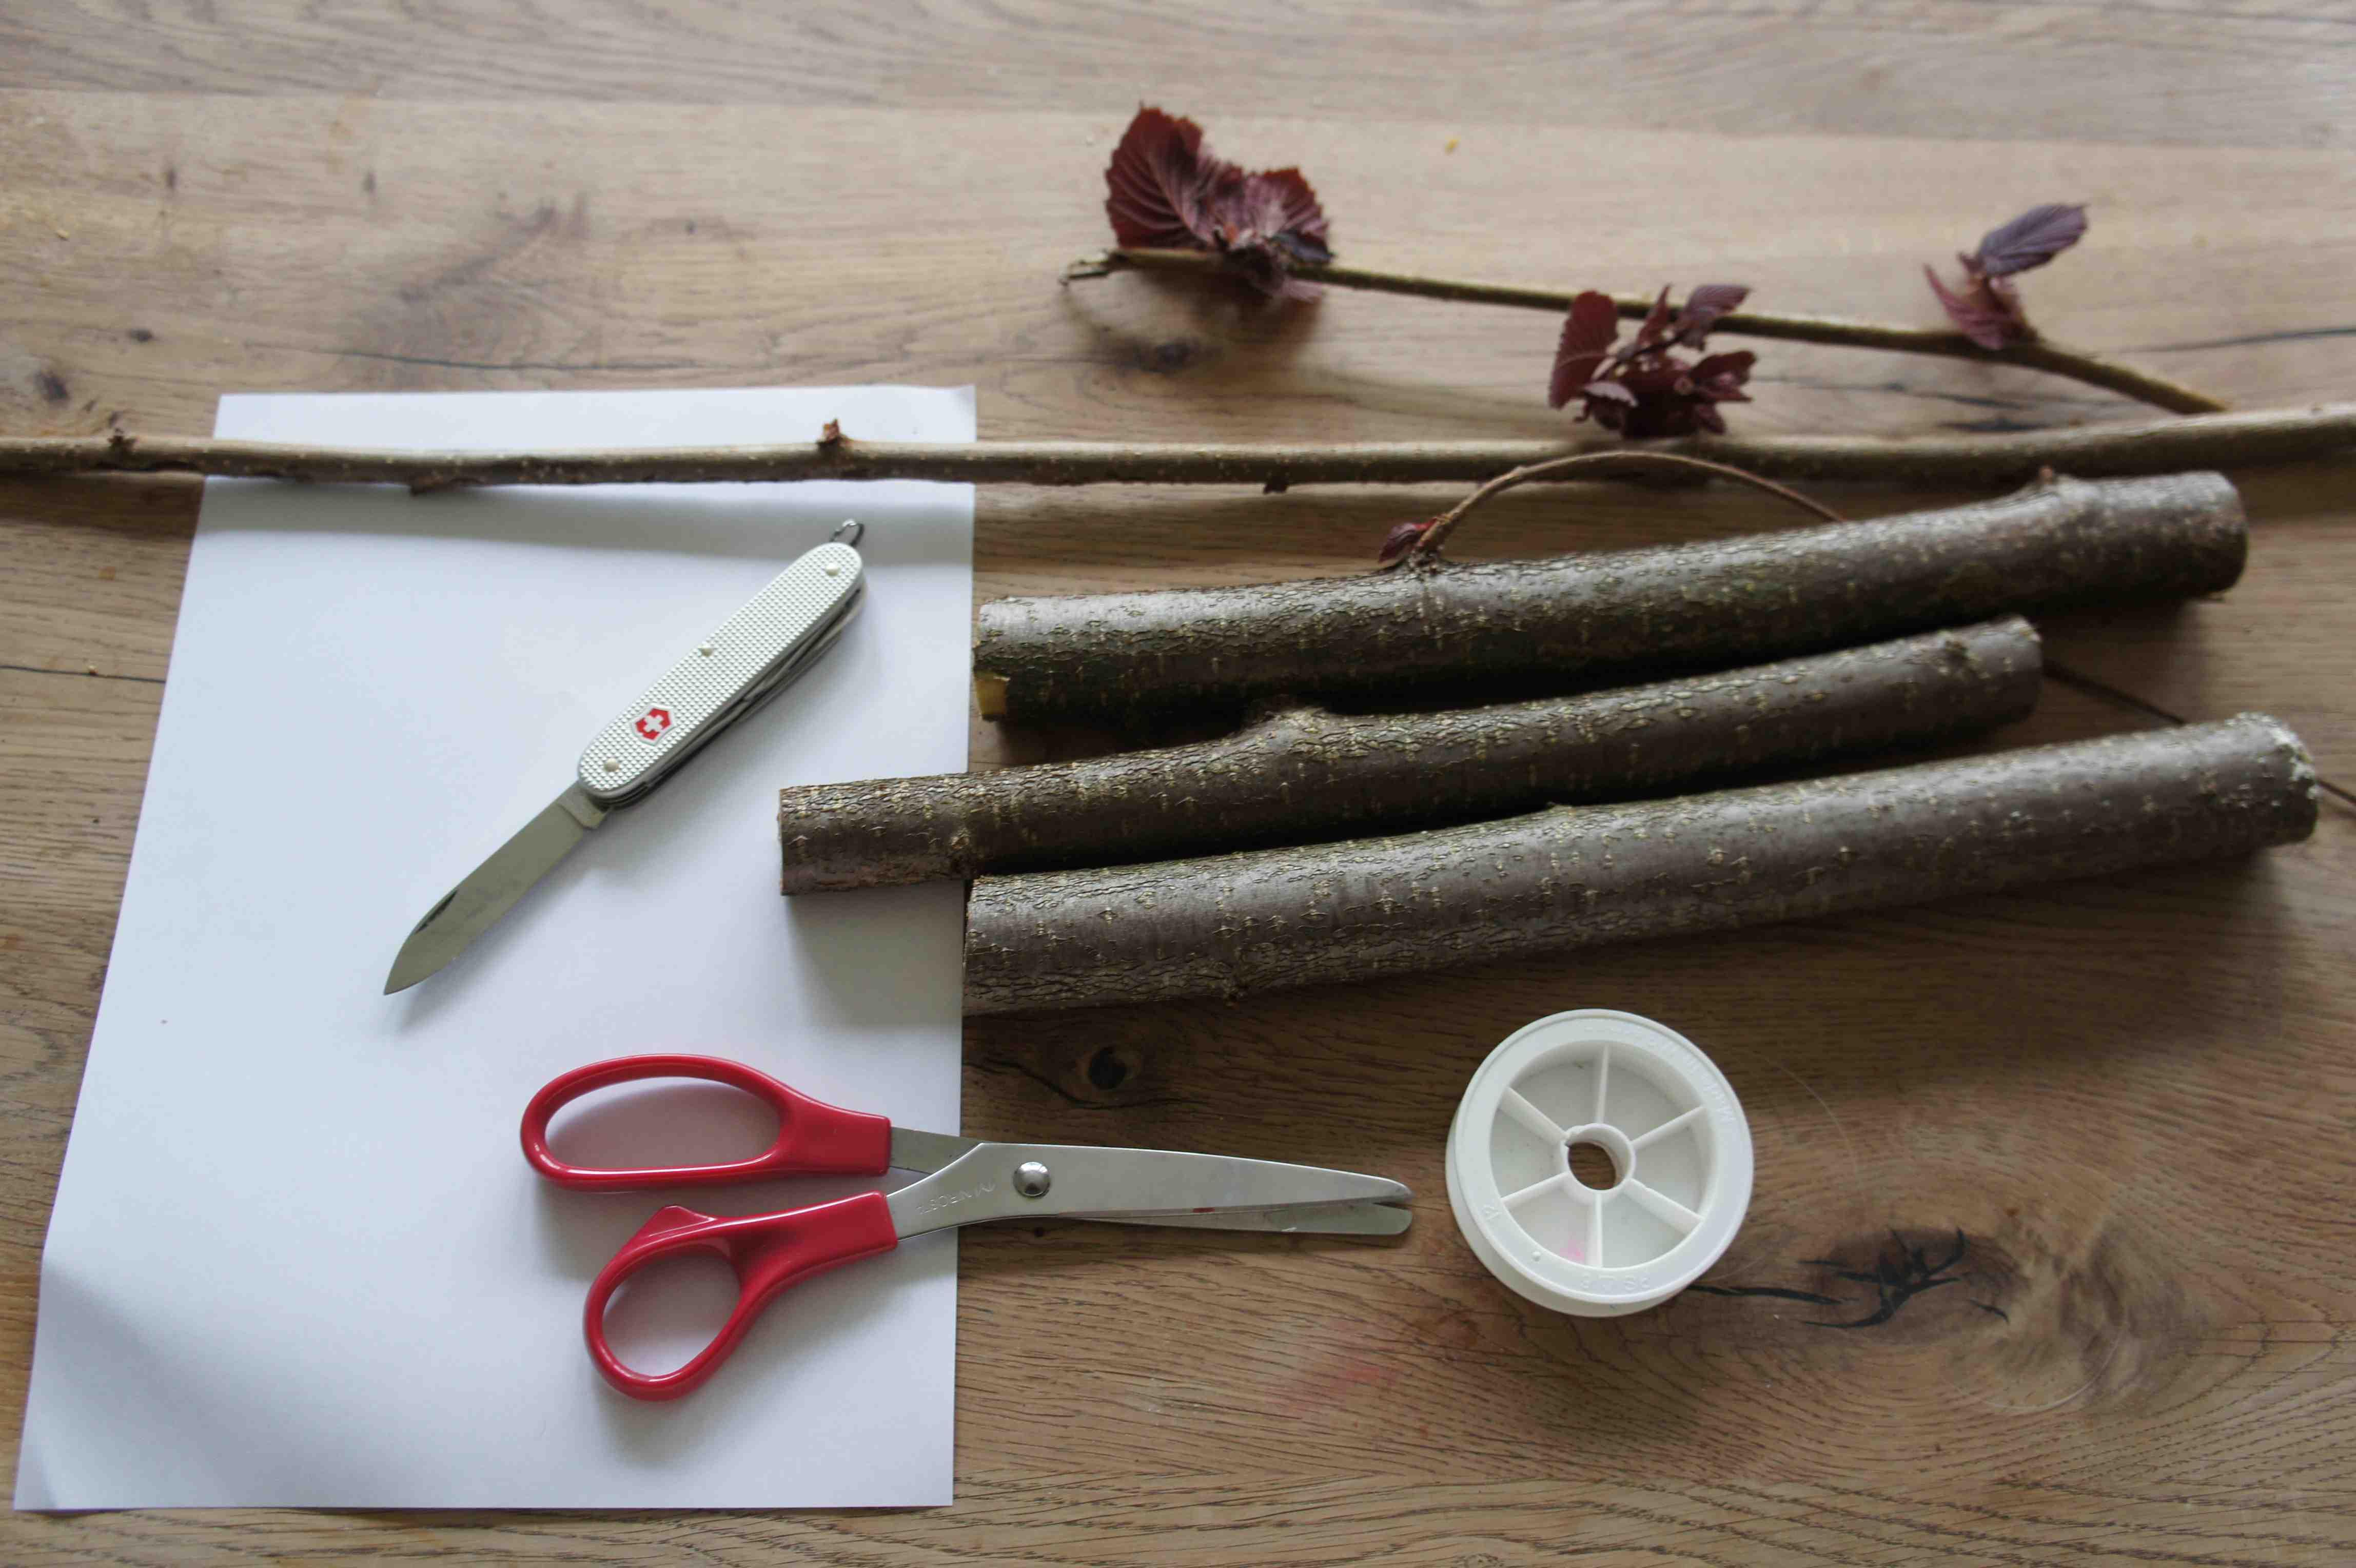 Hier ist alles was Ihr für die Bastelei mit den Kindern braucht: Holz, Papier, Schere,Taschenmesser und eine Nylonschnur (damit das Schiff nicht davon schwimmt). Foto: (c) Kinderoutdoor.de